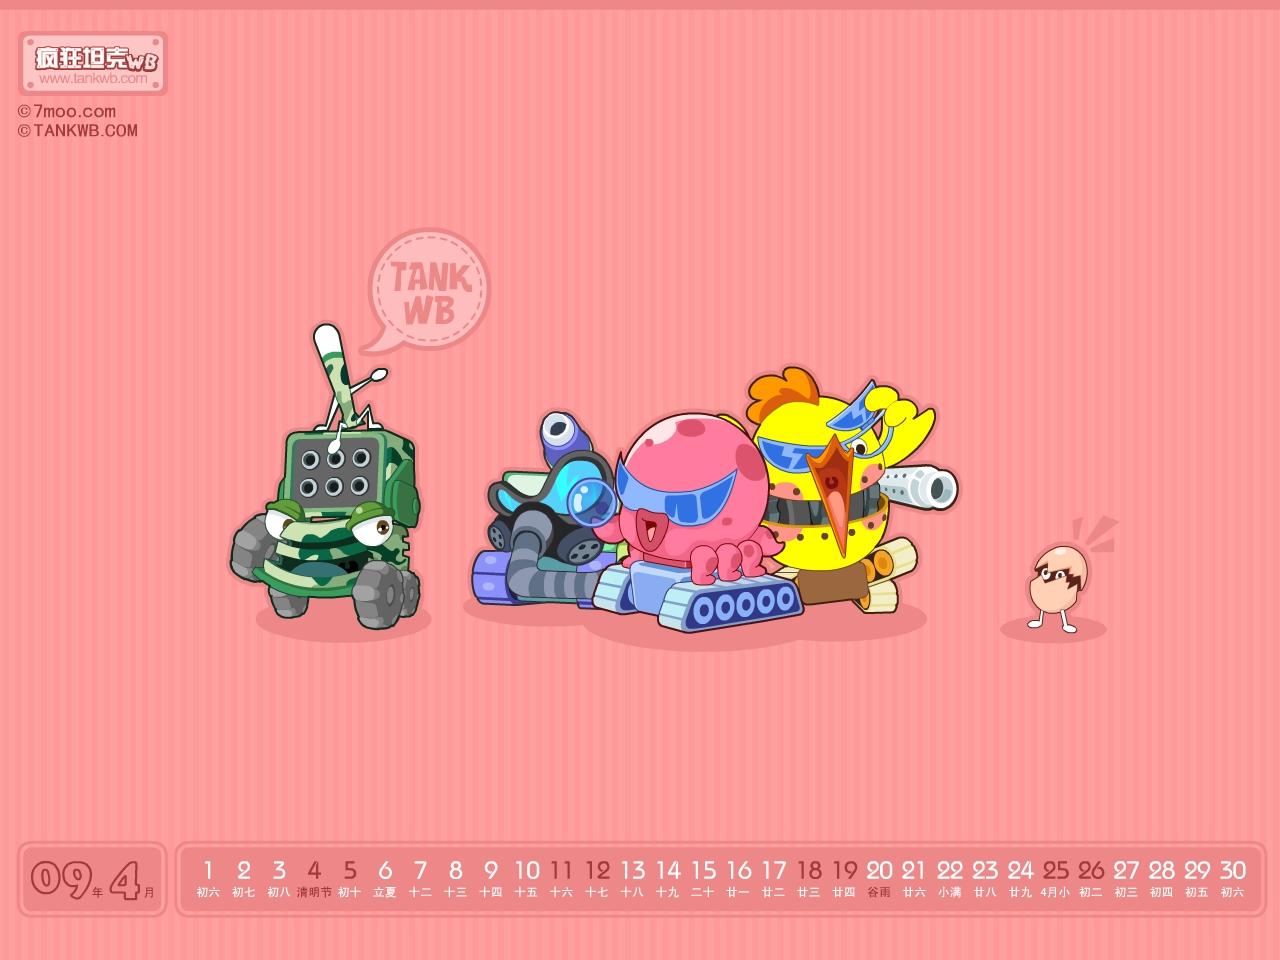 可爱无极限《疯狂坦克wb》精美壁纸下载-网页游戏